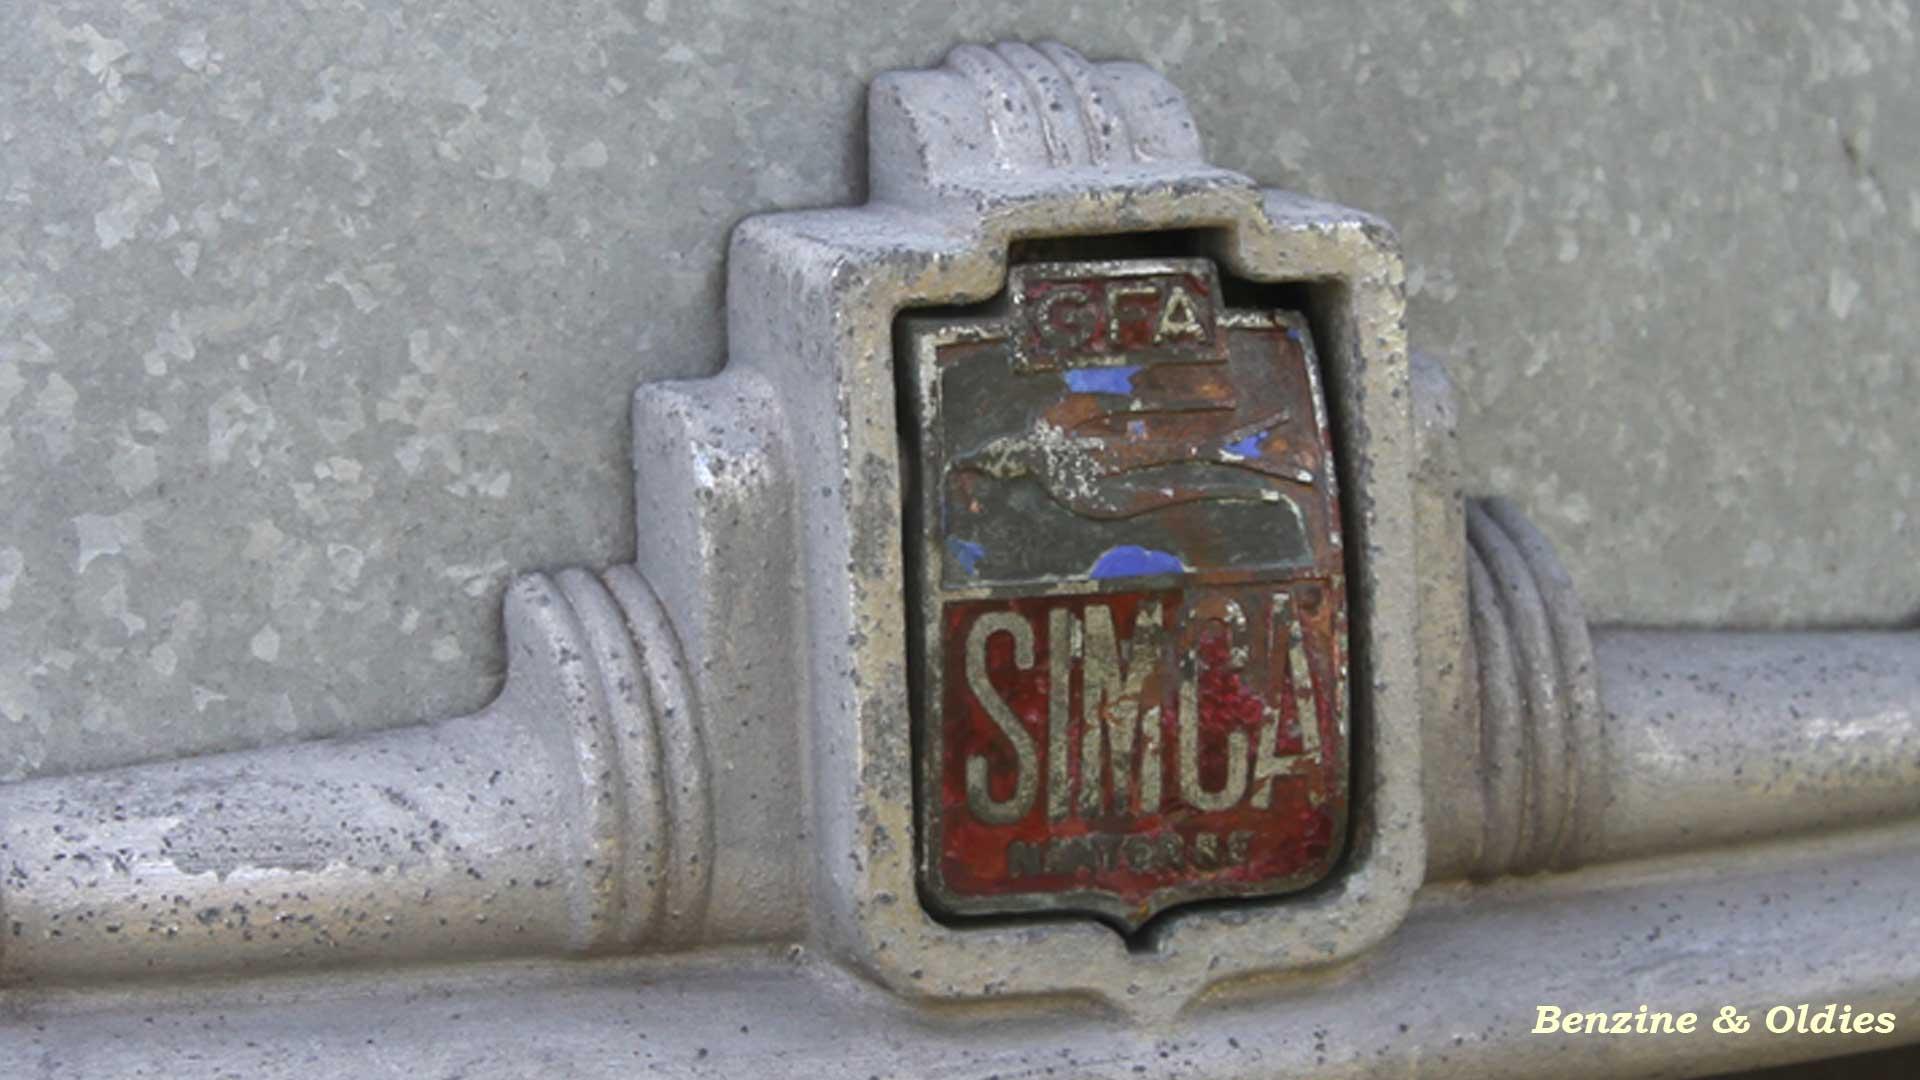 une Simca 6 carrosserie aluminium oubliée dans la nature - Simca6 - Page 2 434848simca6street31bw19201080